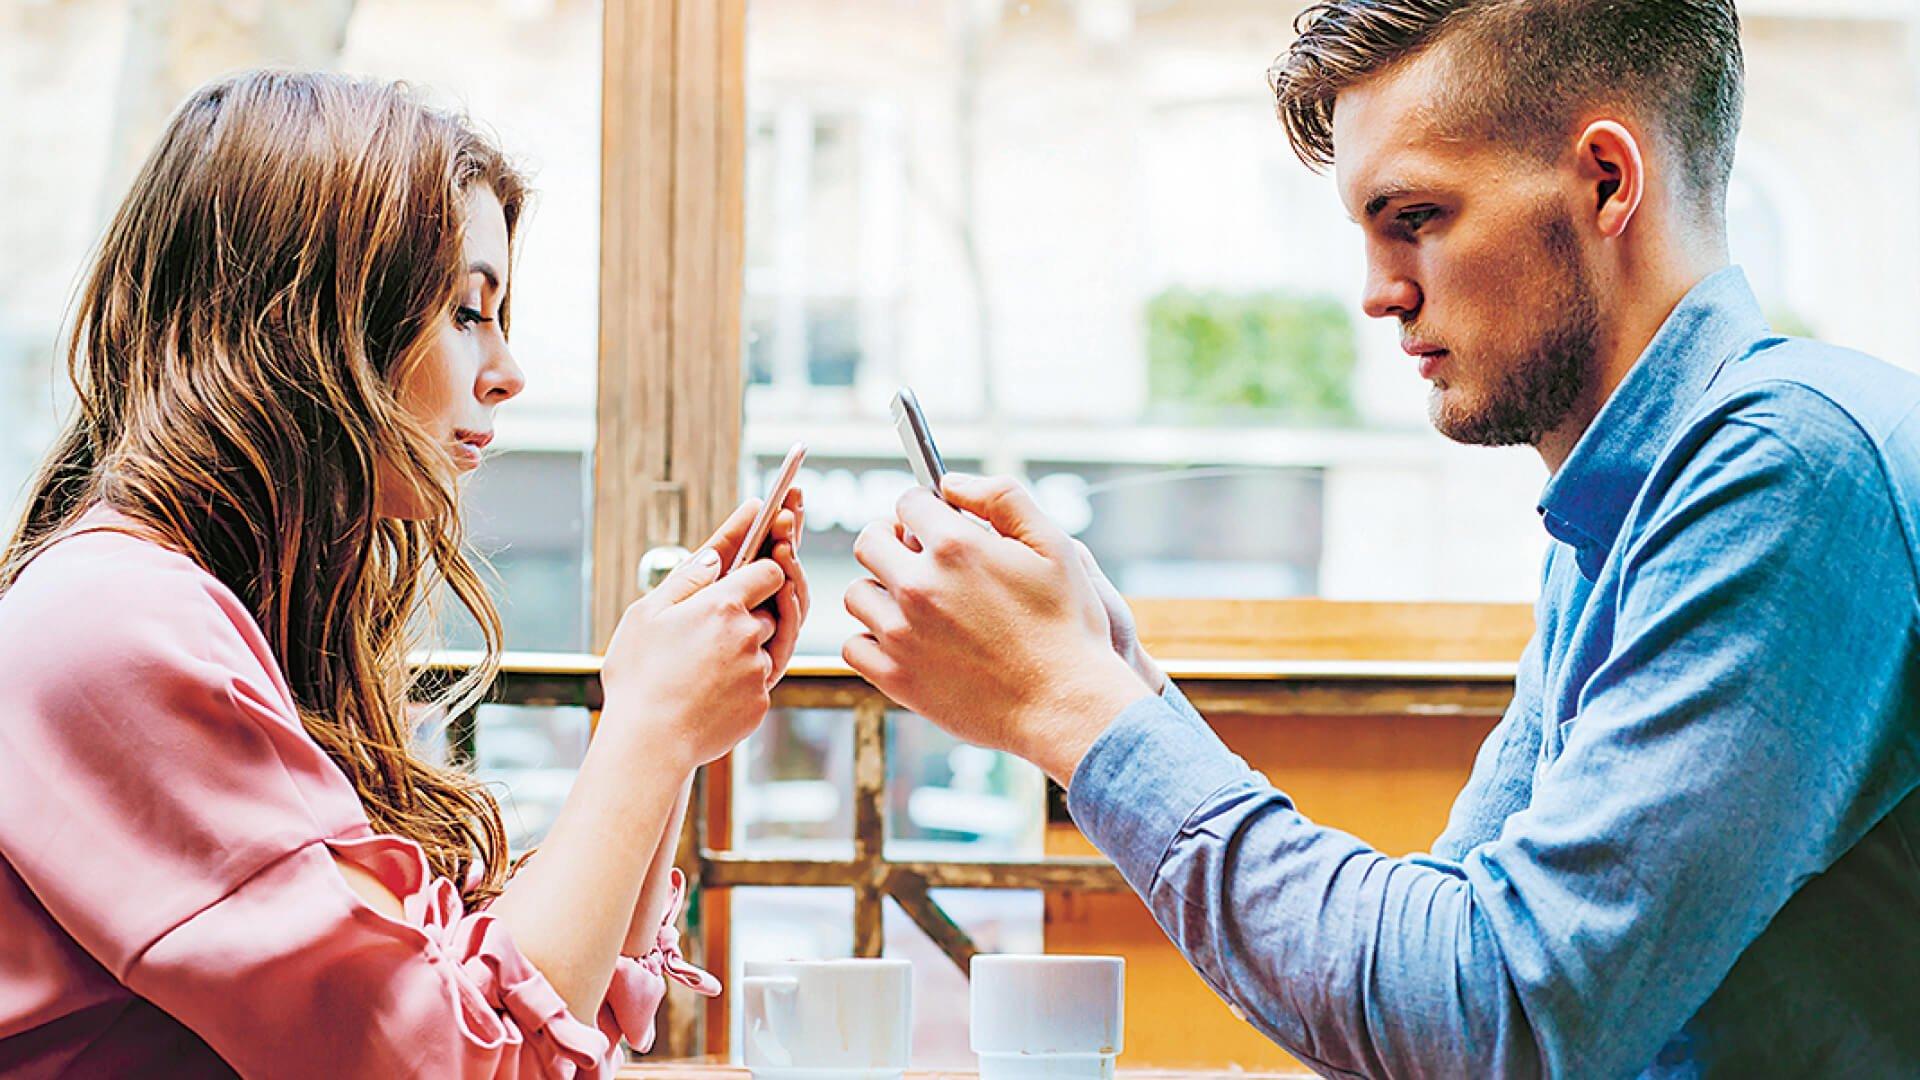 Приложение отTinder превратило онлайн-свидания втурнир